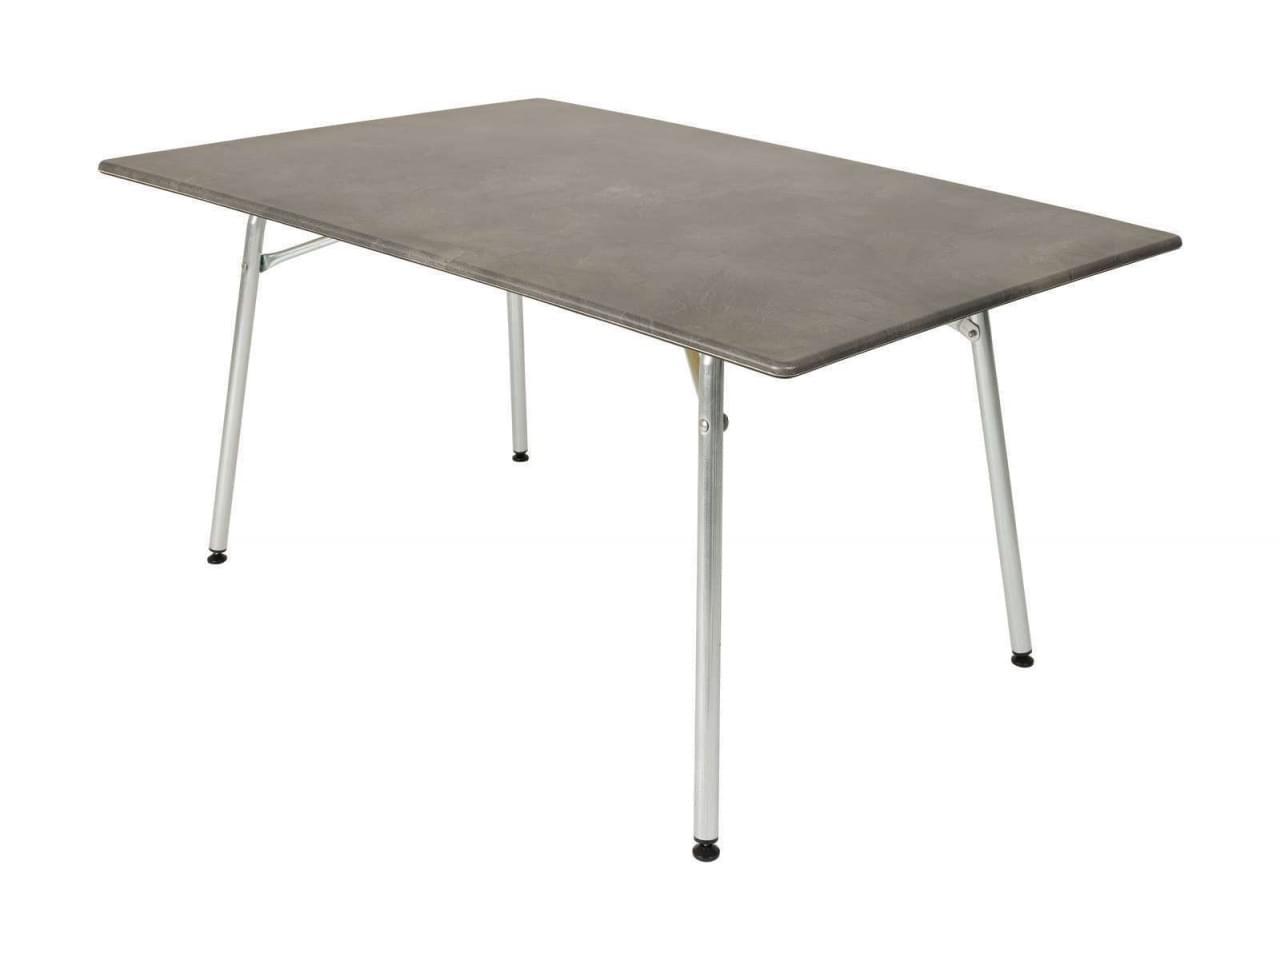 Isabella Camping Eettafel 160 x 90 cm